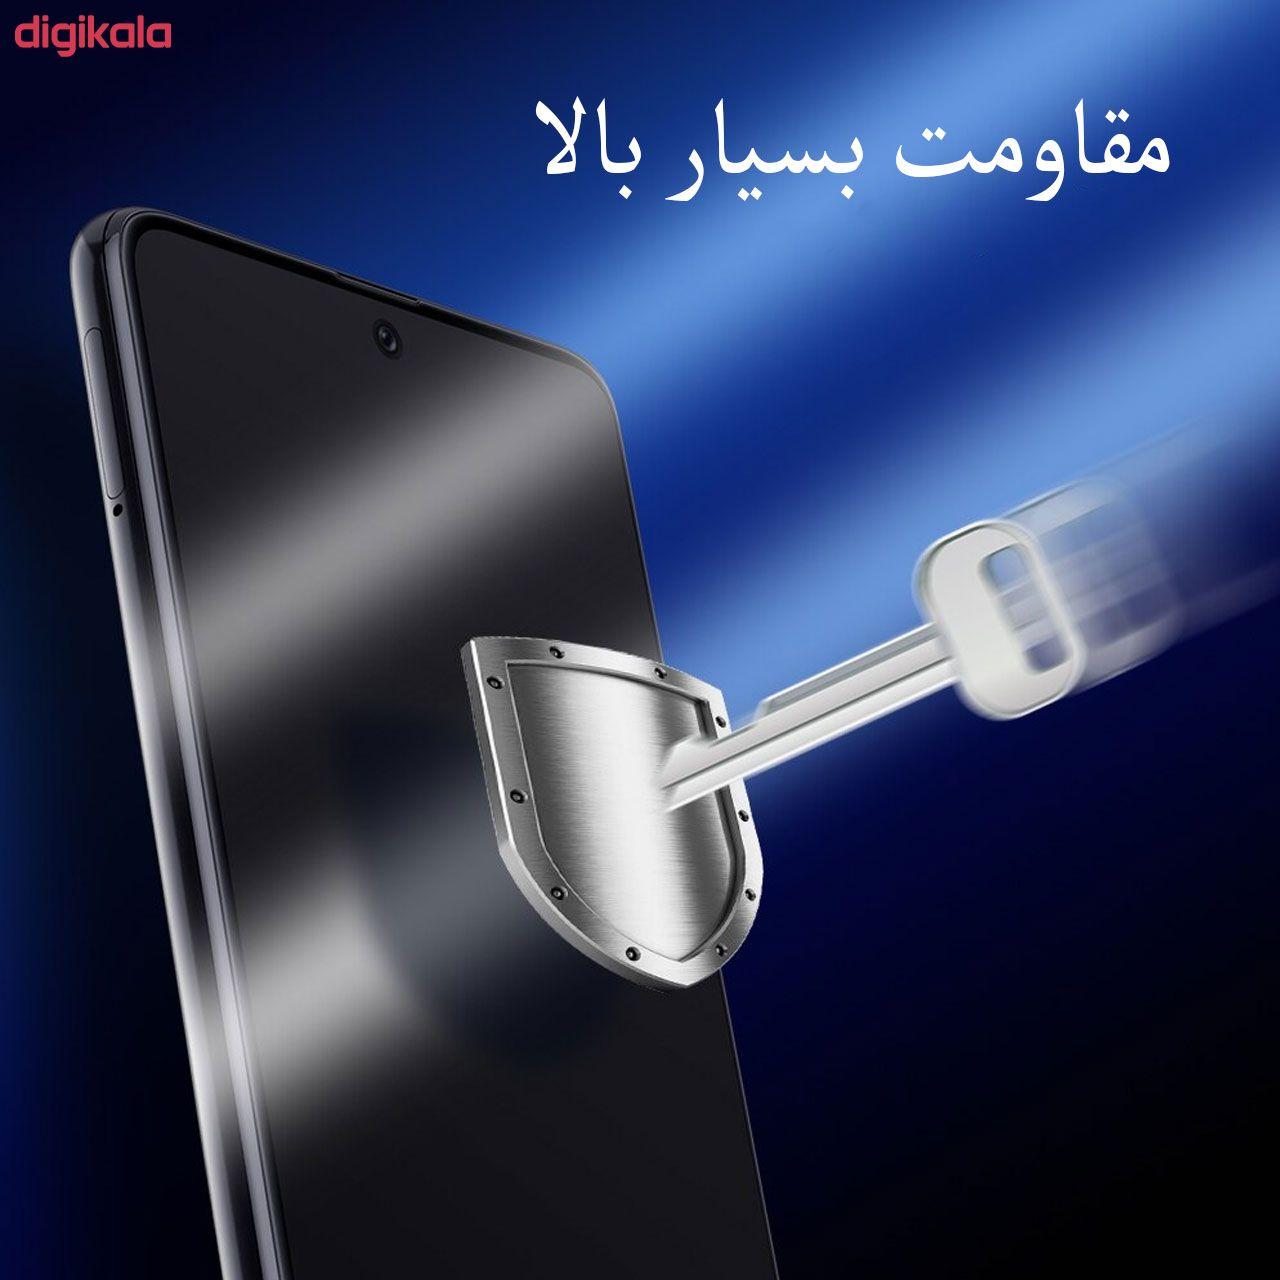 محافظ صفحه نمایش مدل FCG مناسب برای گوشی موبایل شیائومی Poco X3 NFC main 1 2